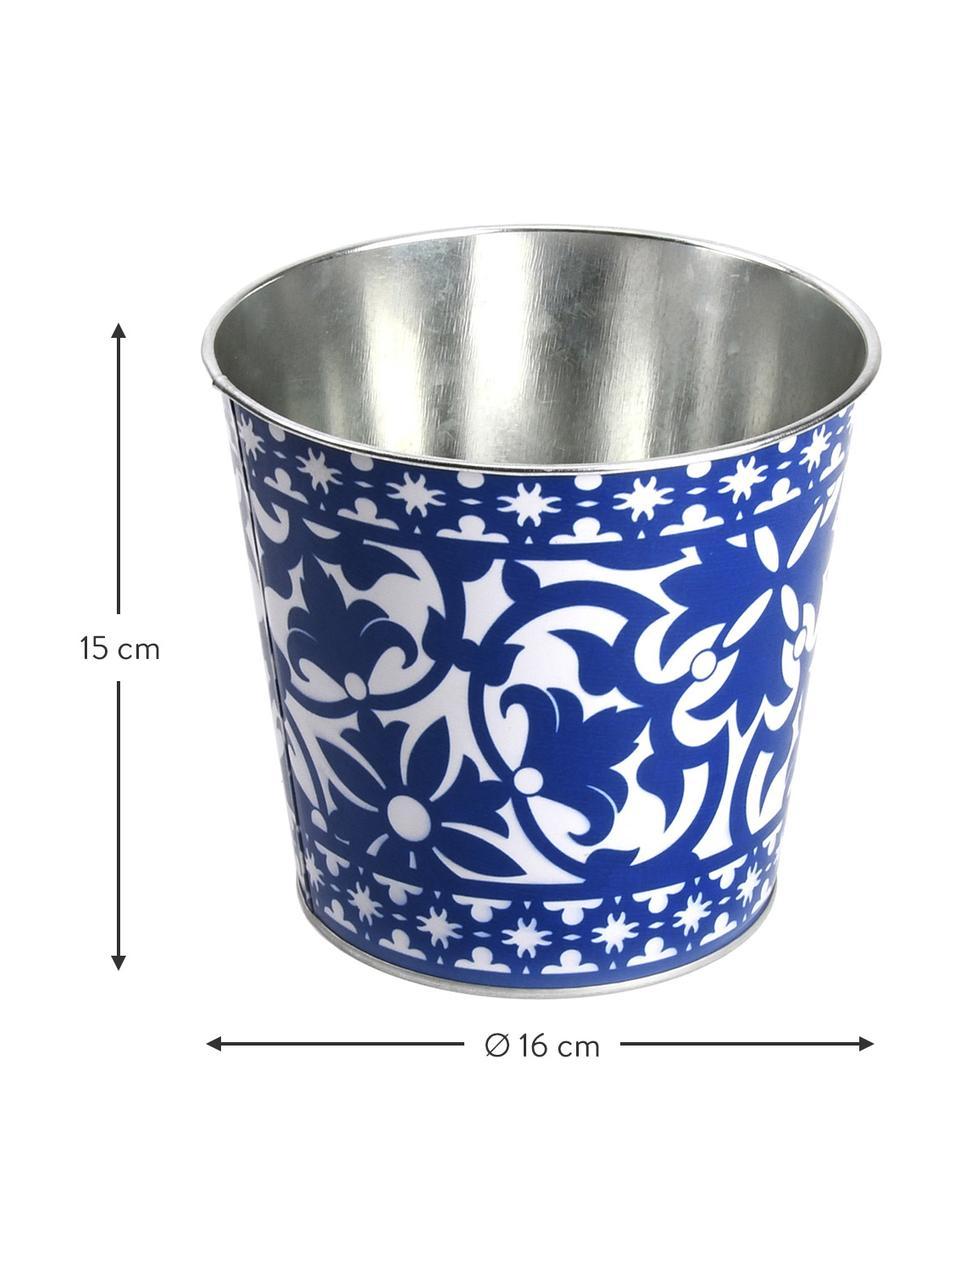 Kleiner Übertopf Portugal, Zink, beschichtet, Blau, Weiß, Ø 16 x H 15 cm